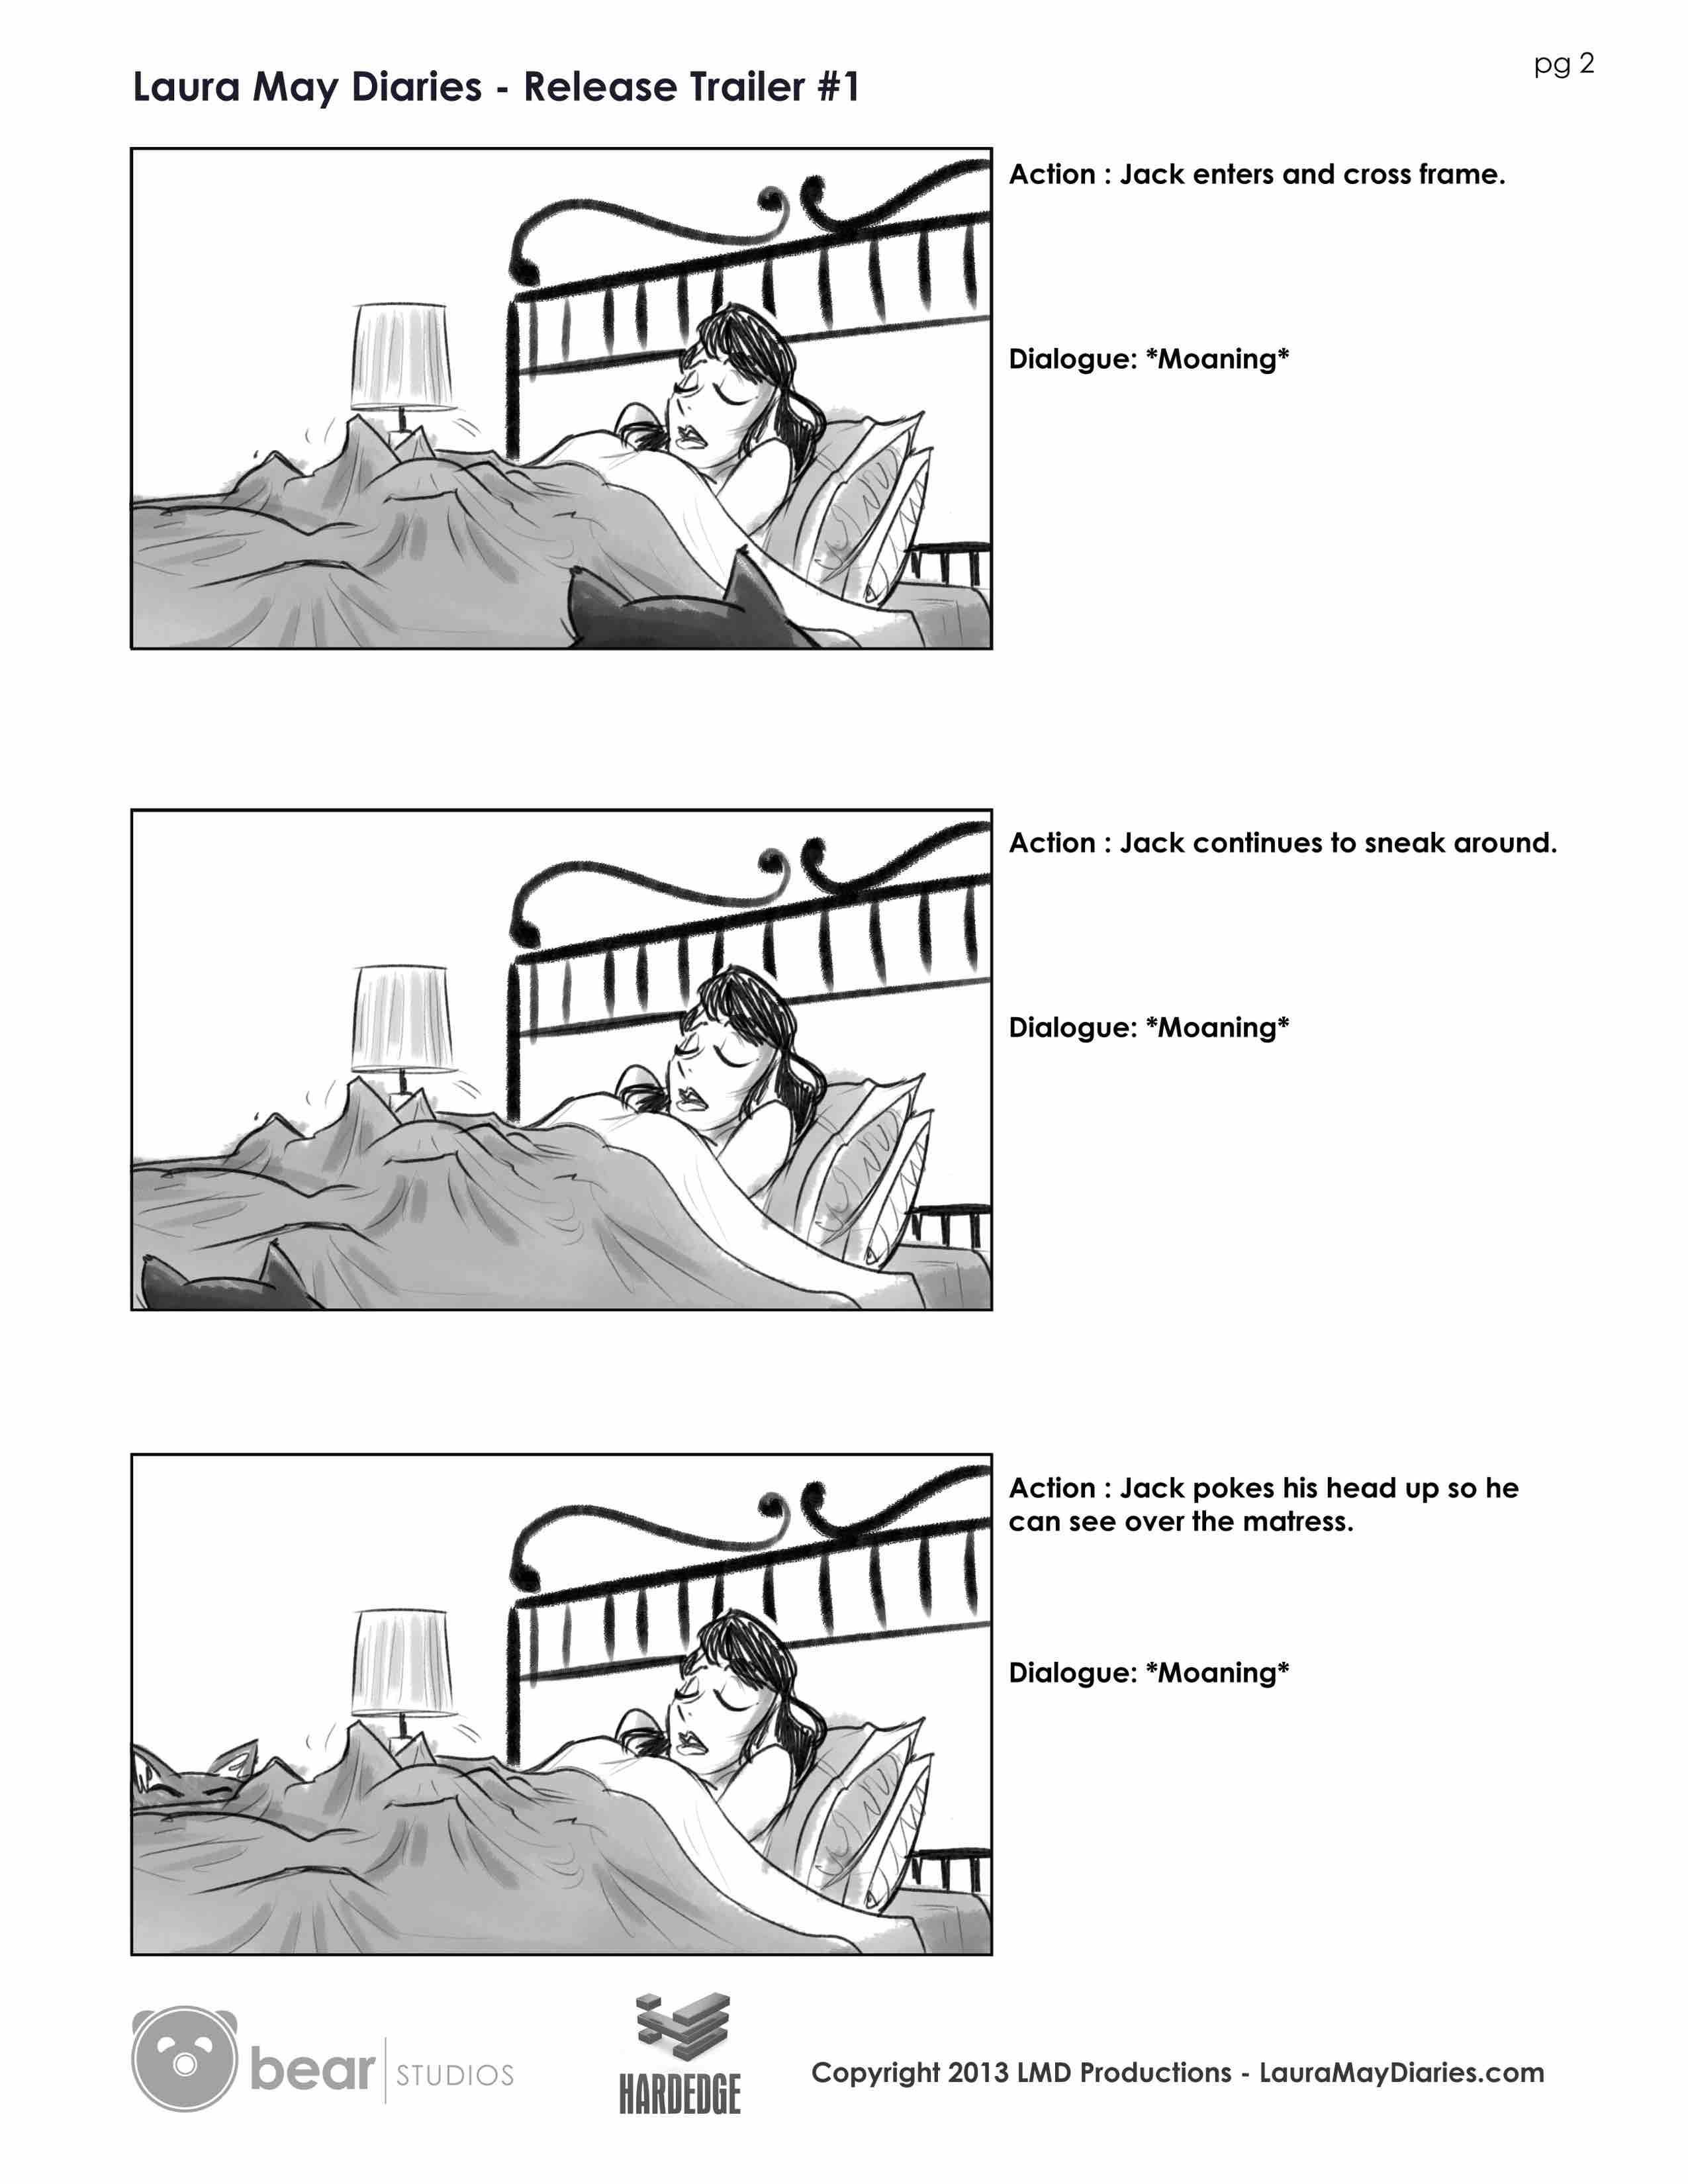 13-03-01_LMD_Trailer1_Storyboard 2